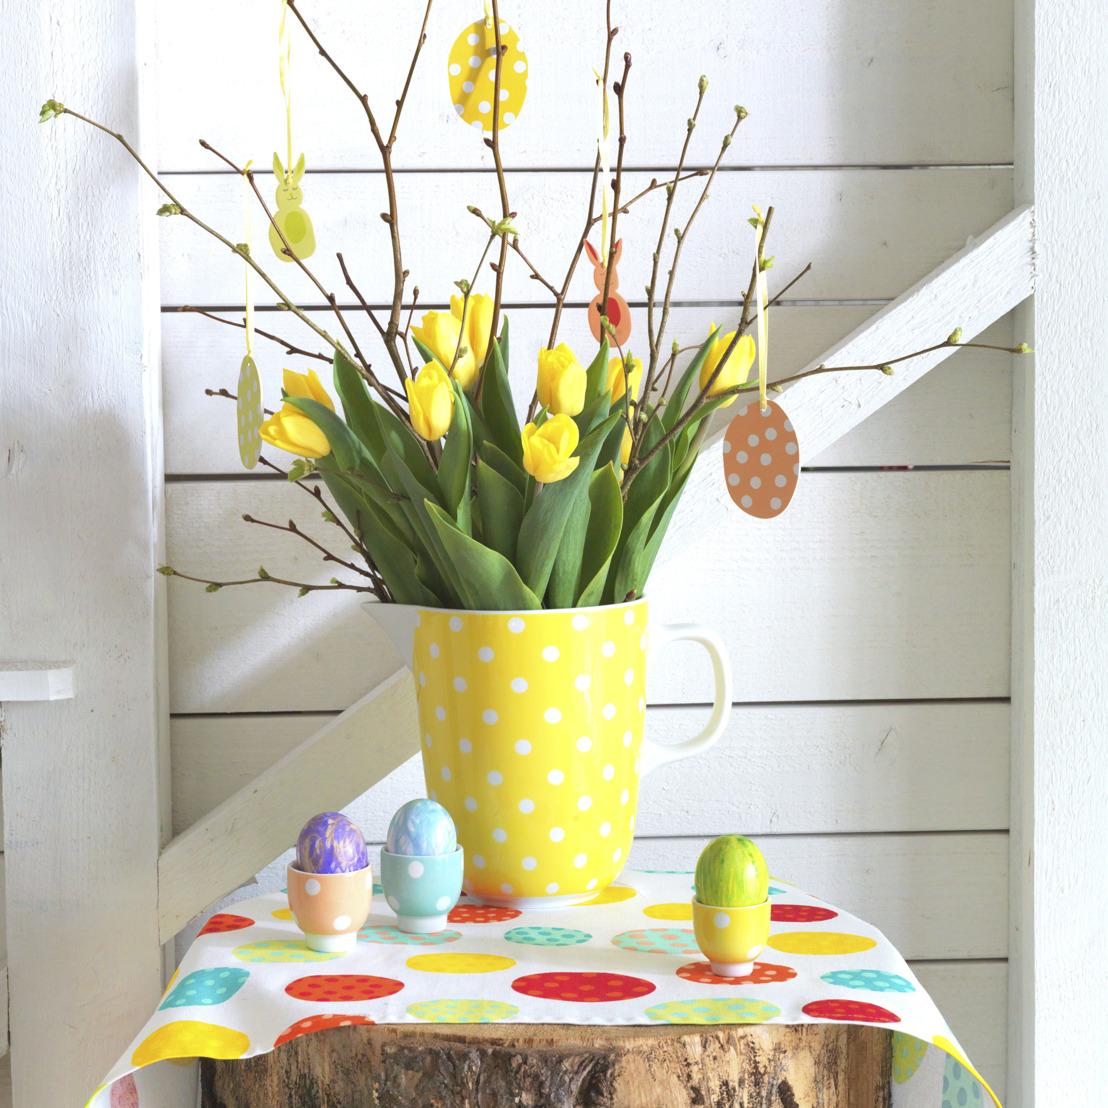 Ambiance de Pâques avec la nouvelle collection printanière limitée de IKEA